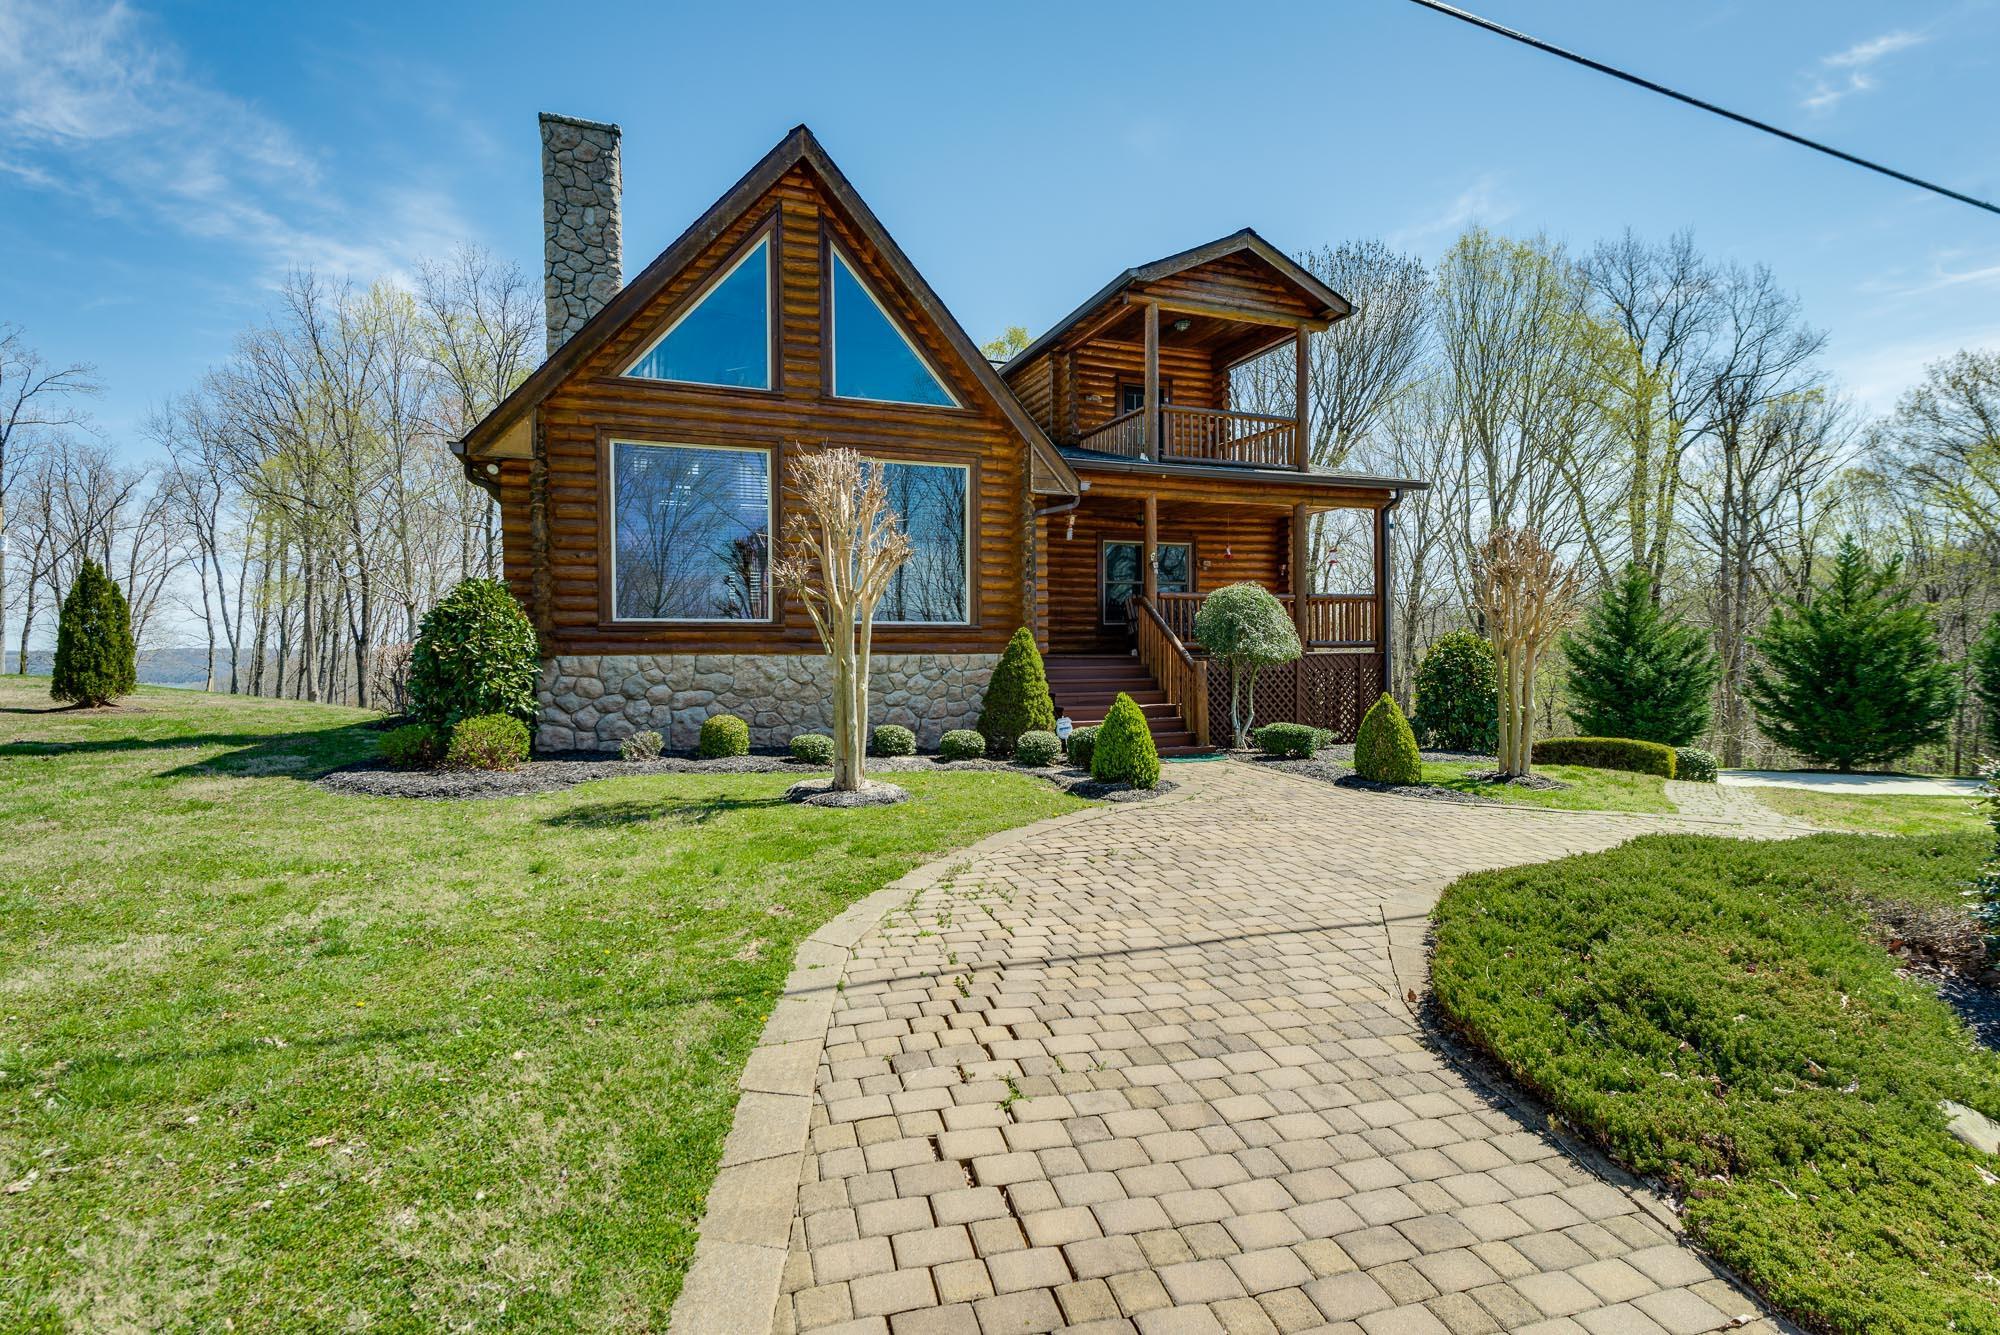 480 Seaton Drive, W, Smithville, TN 37166 - Smithville, TN real estate listing